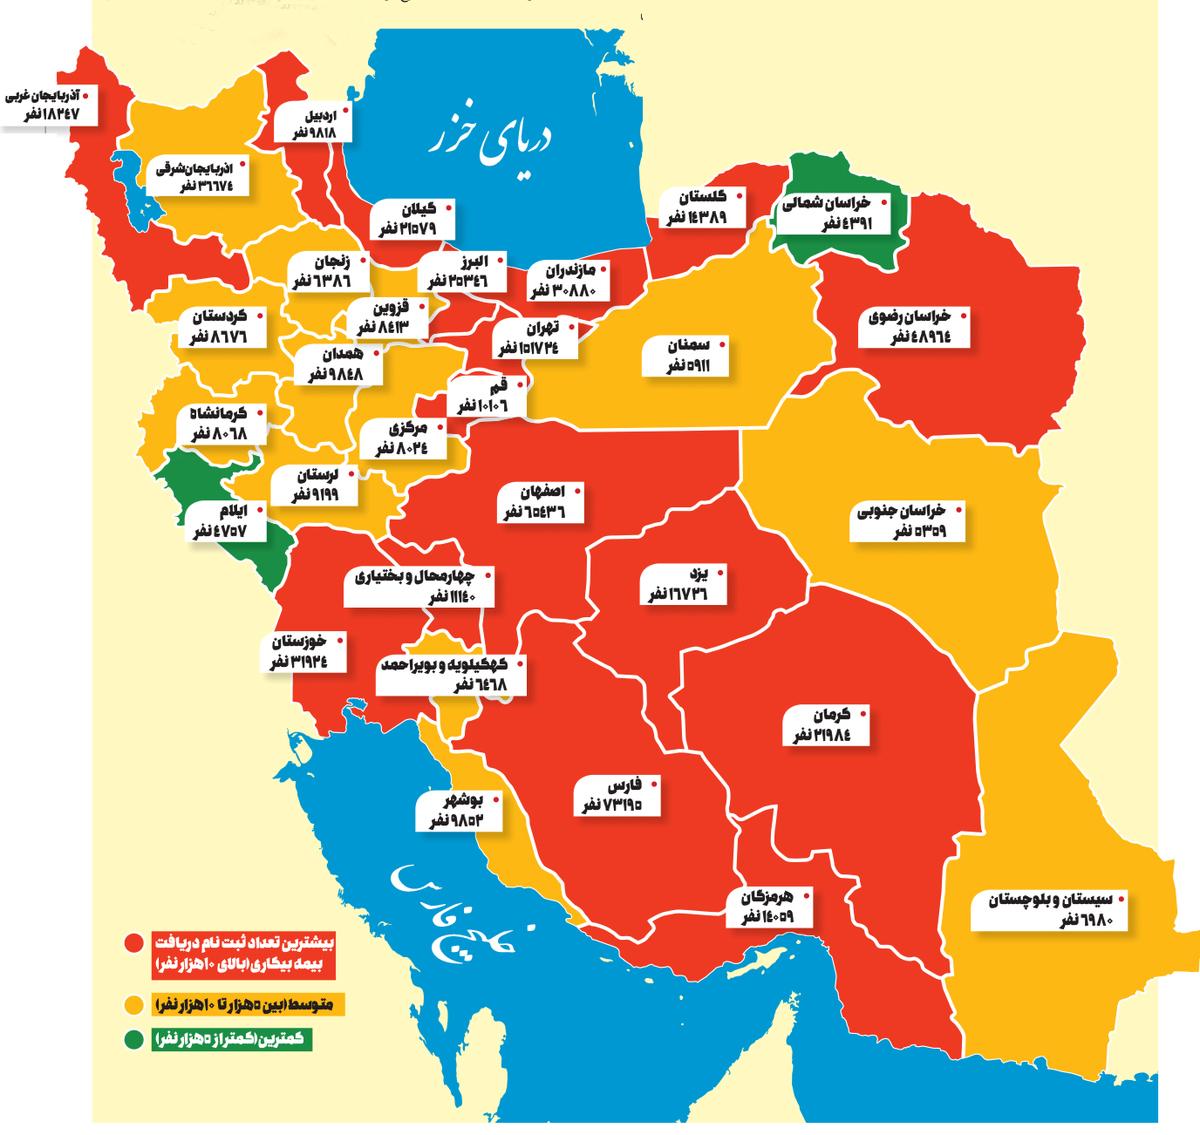 بیکاری عصر کرونا | نقشه اشتغال رسمی در استانهای کشور از یک میلیون بیکارشده خبر میدهد